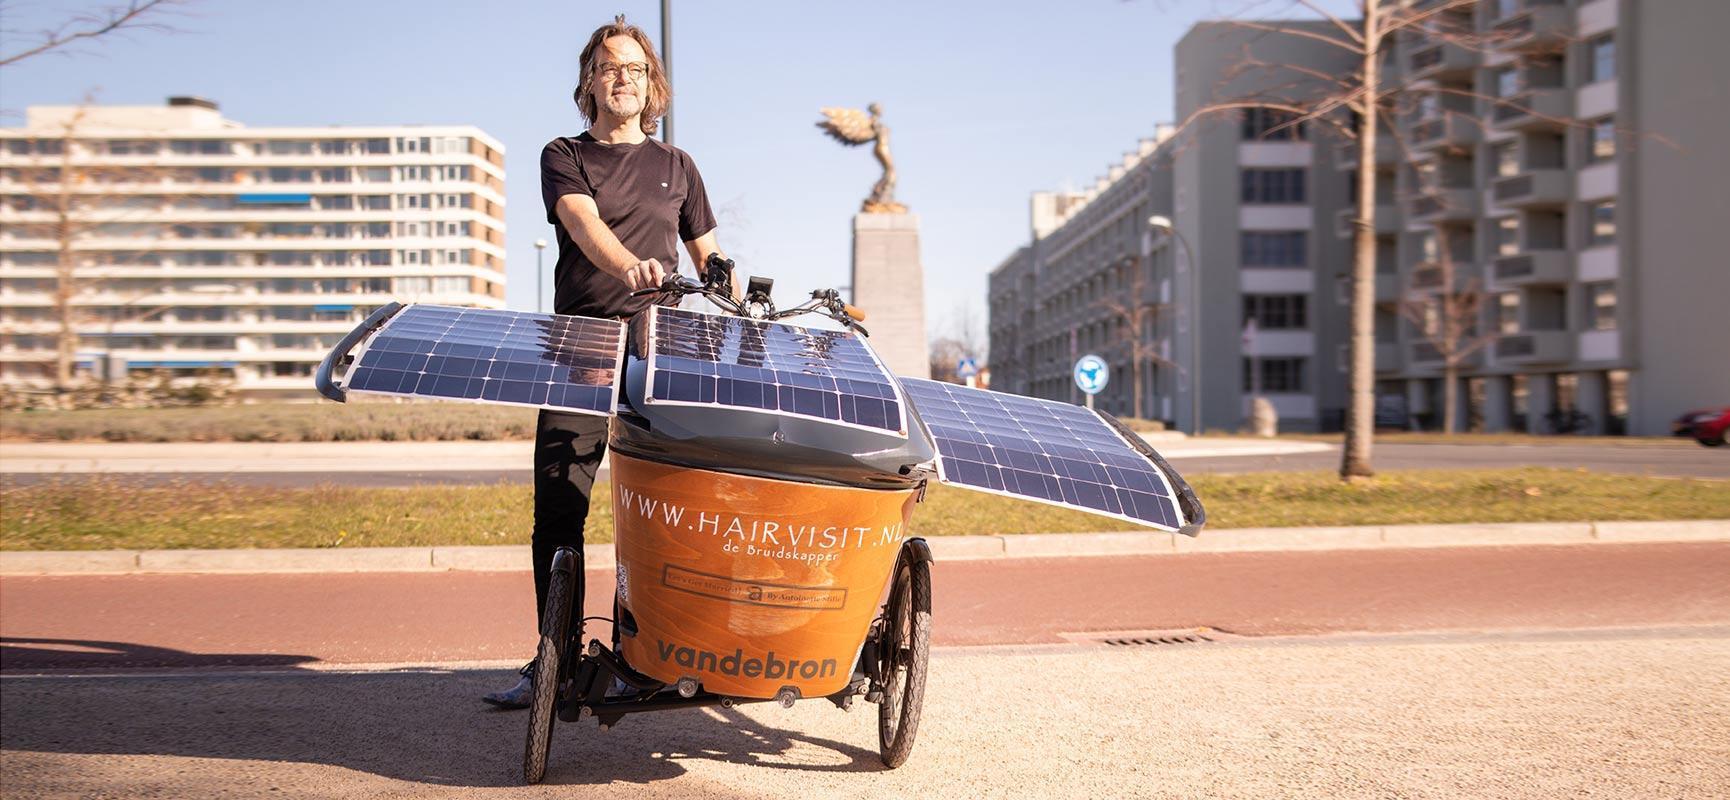 Op de bakfiets met zonnepanelen naar Glasgow